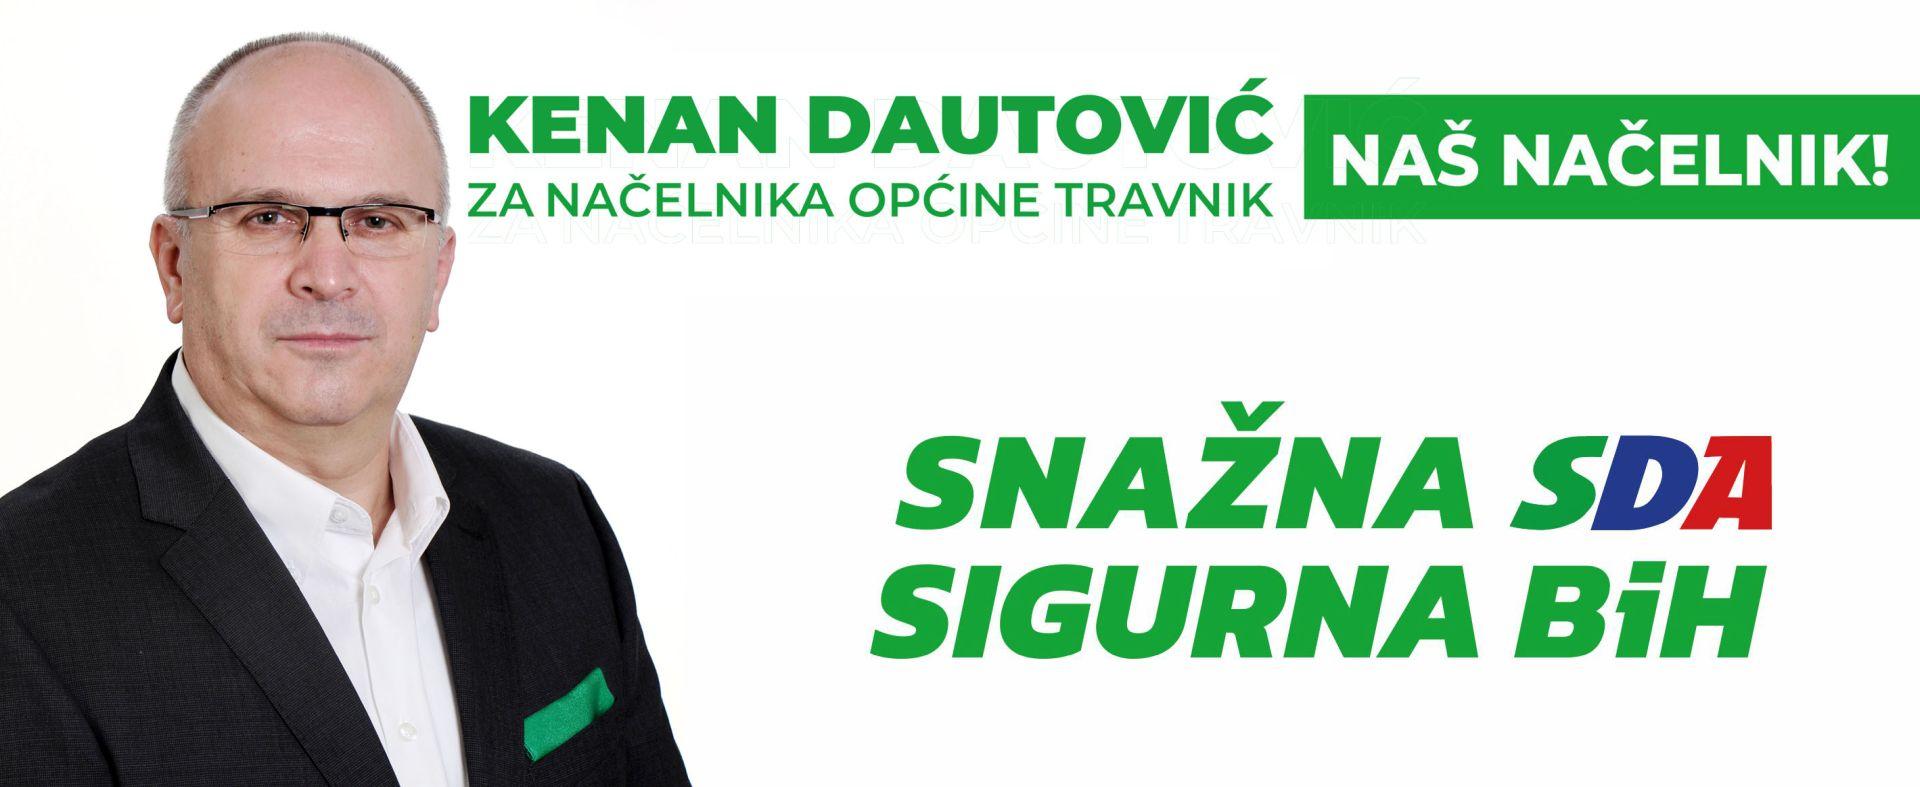 Kenan Dautović - Biografija